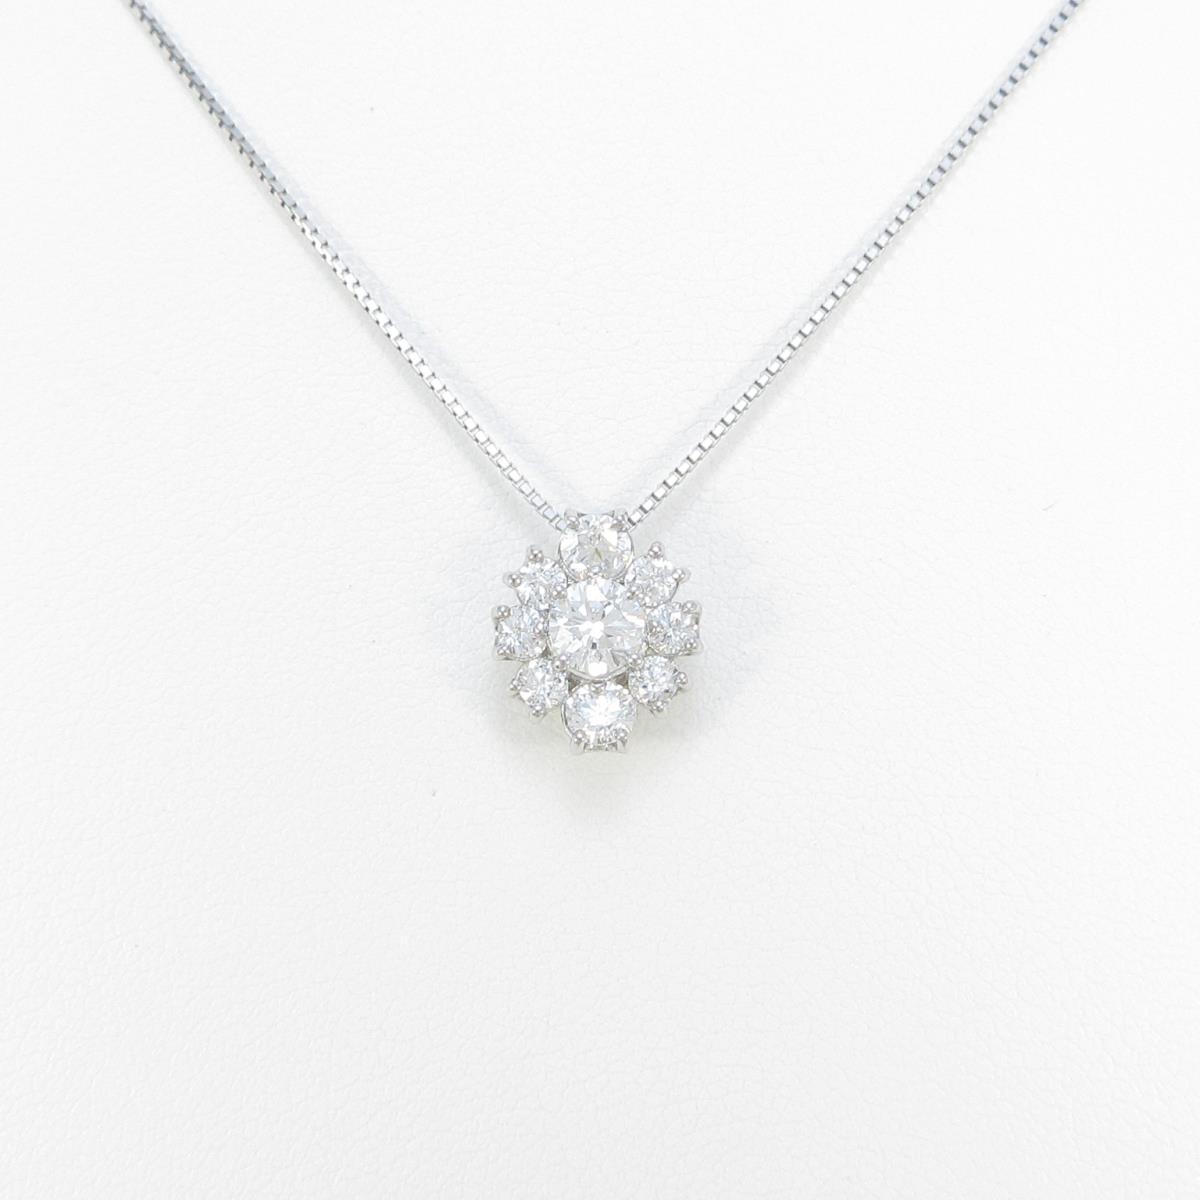 【新品】プラチナダイヤモンドネックレス 0.339ct・F・SI2・VG【新品】